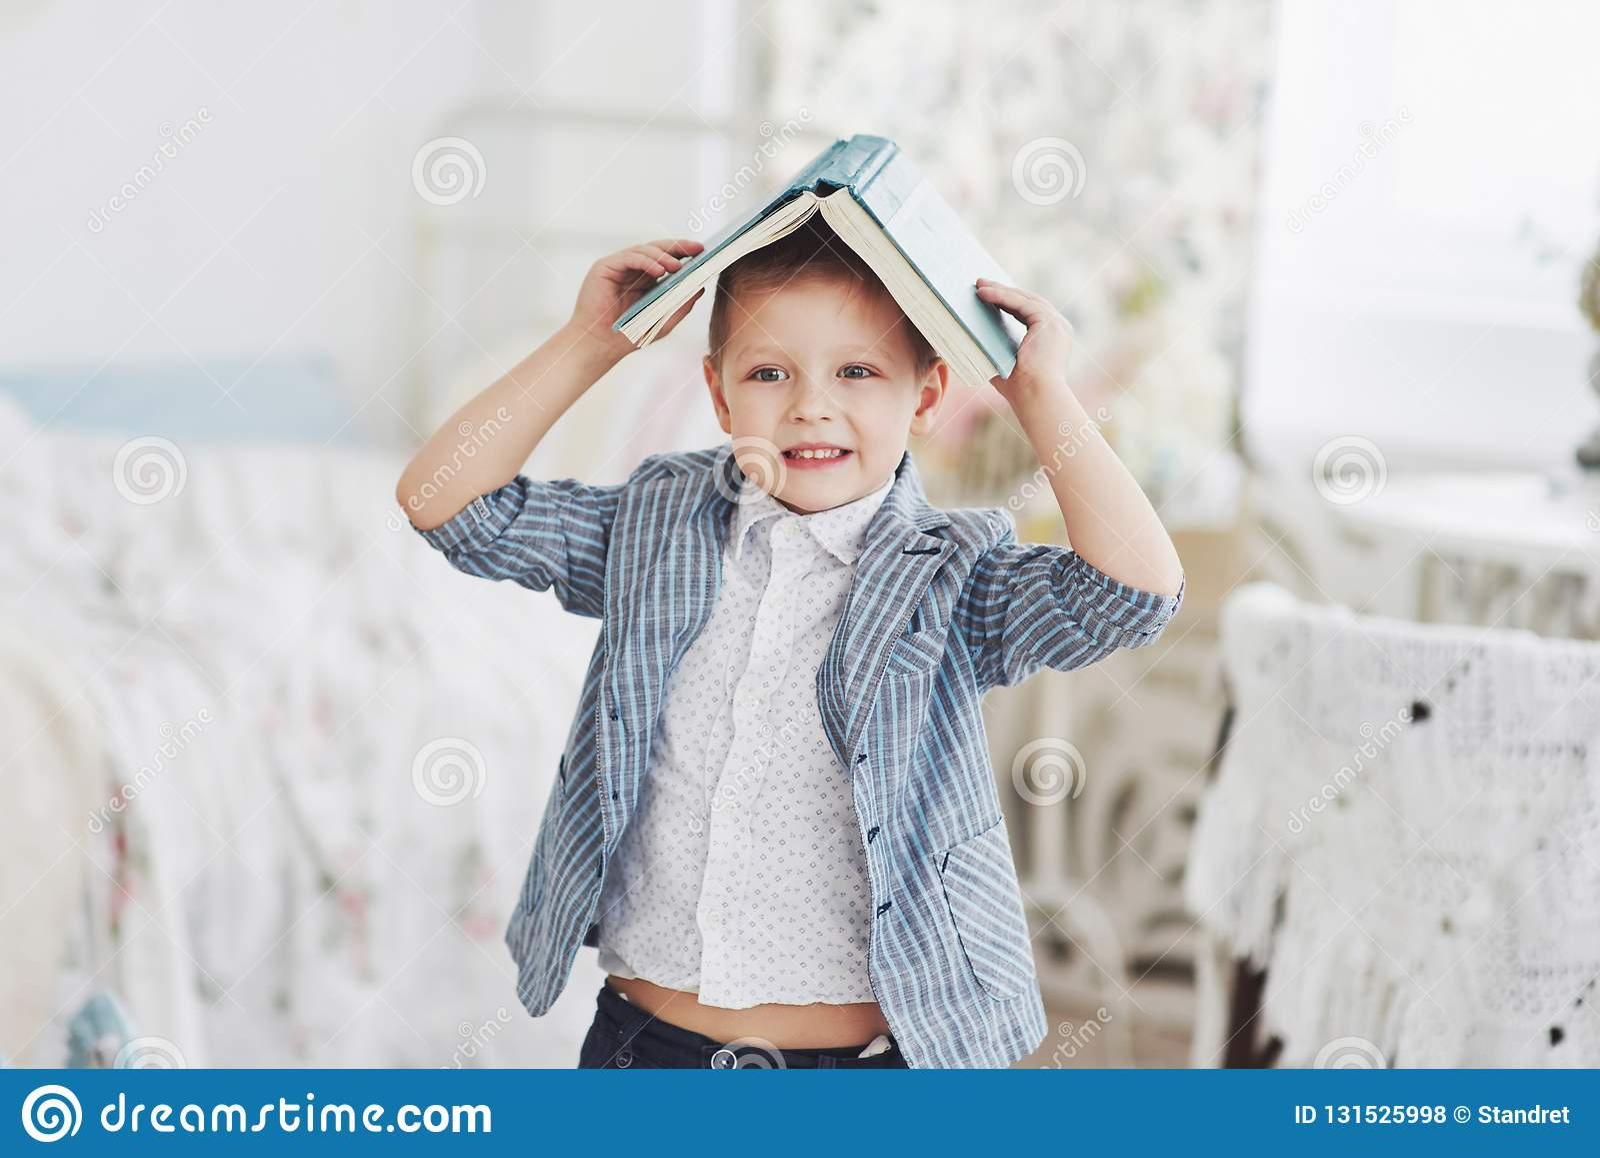 Foto des sorgfältigen Schülers mit Buch auf seinem Kopf, der Hausarbeit tut Der Schüler ist vom Handeln von Hausarbeit müde